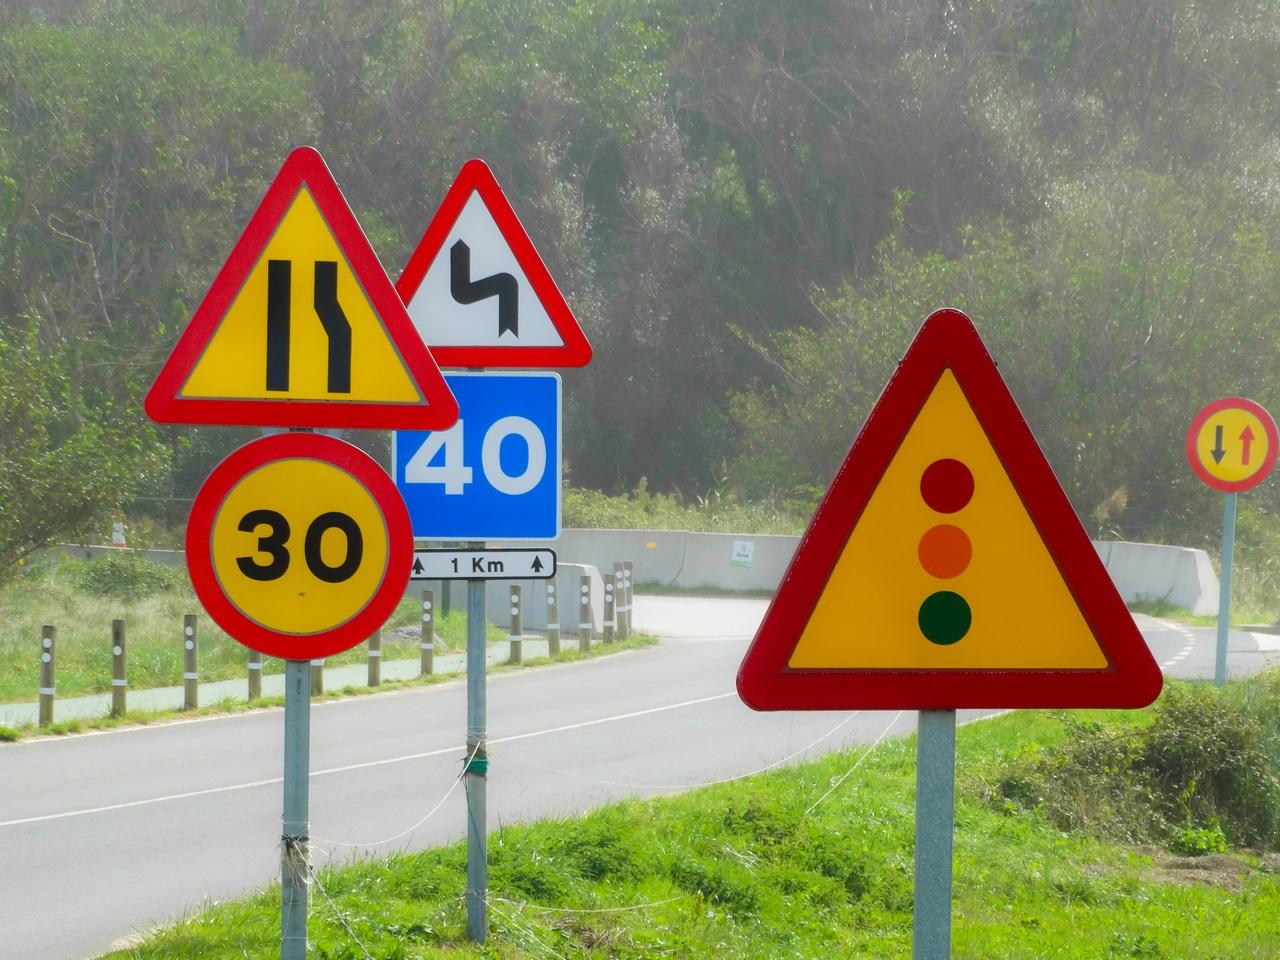 Test de autoescuela: aprobar examen teórico de conducir